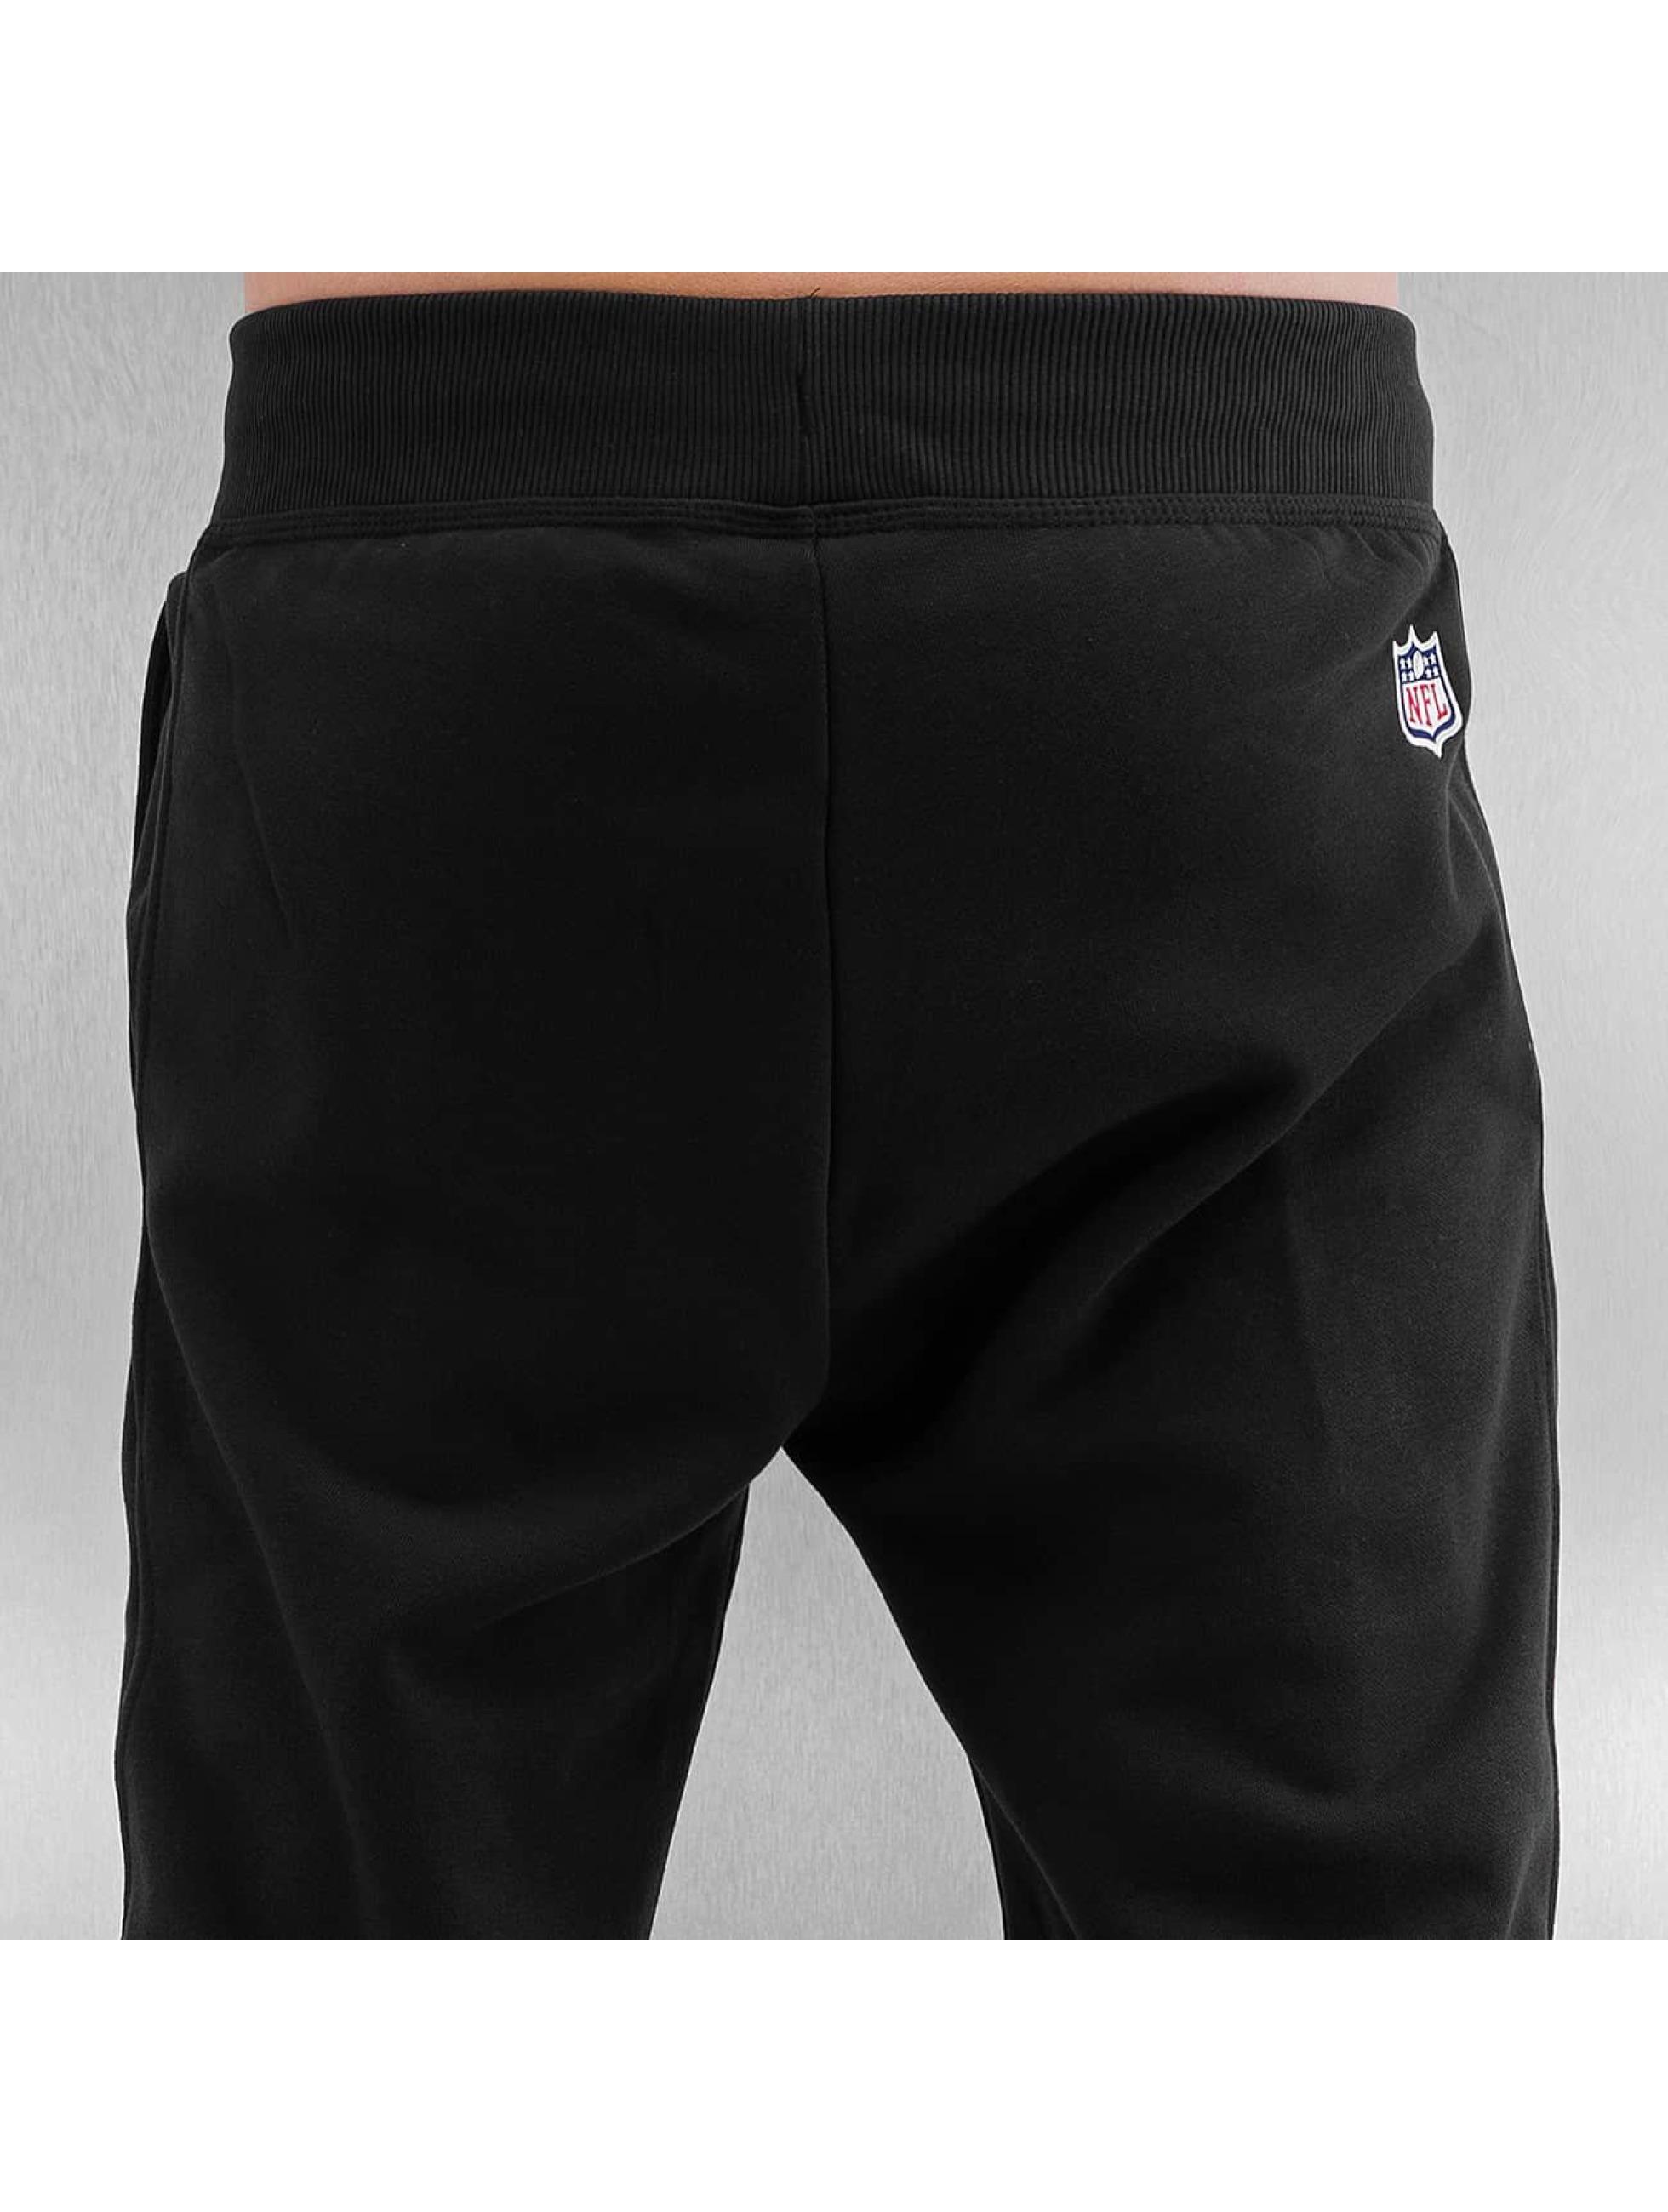 New Era joggingbroek Oakland Raiders zwart